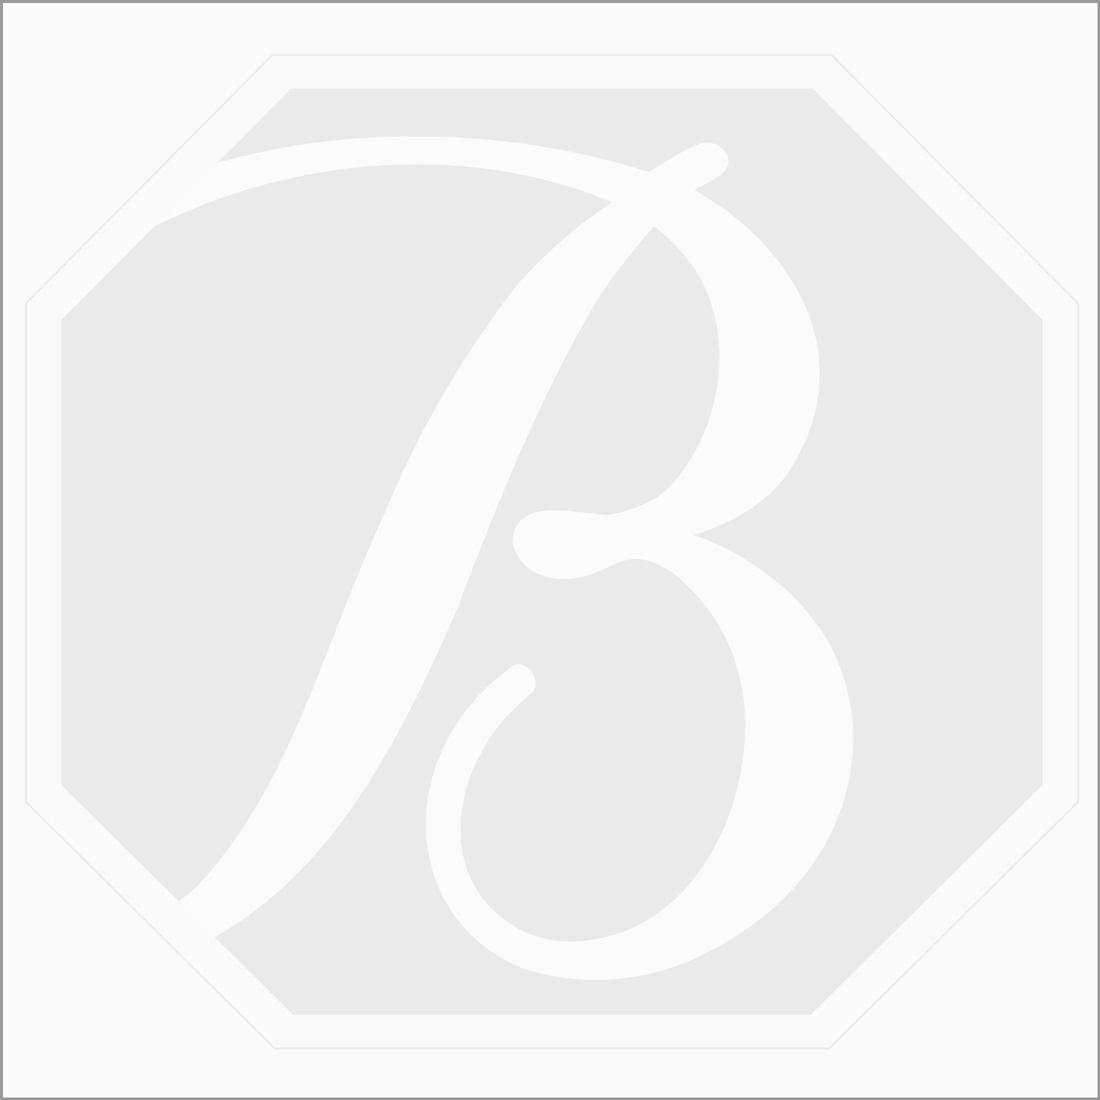 2 Pcs - 12.07 ct. - Green Tourmaline Rose Cut -12.2 x 11.4 x 2 mm to 18.9 x 12.5 x 2.4 mm (TRC1097)